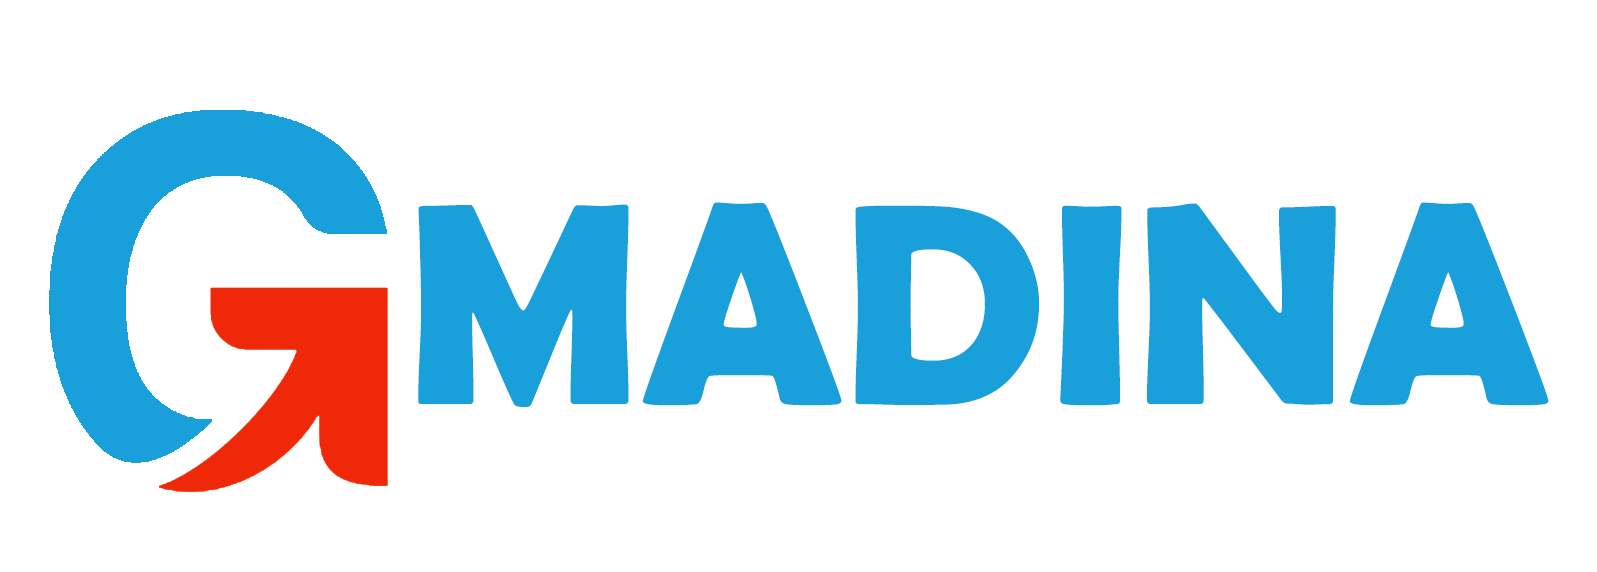 logo gomadina png